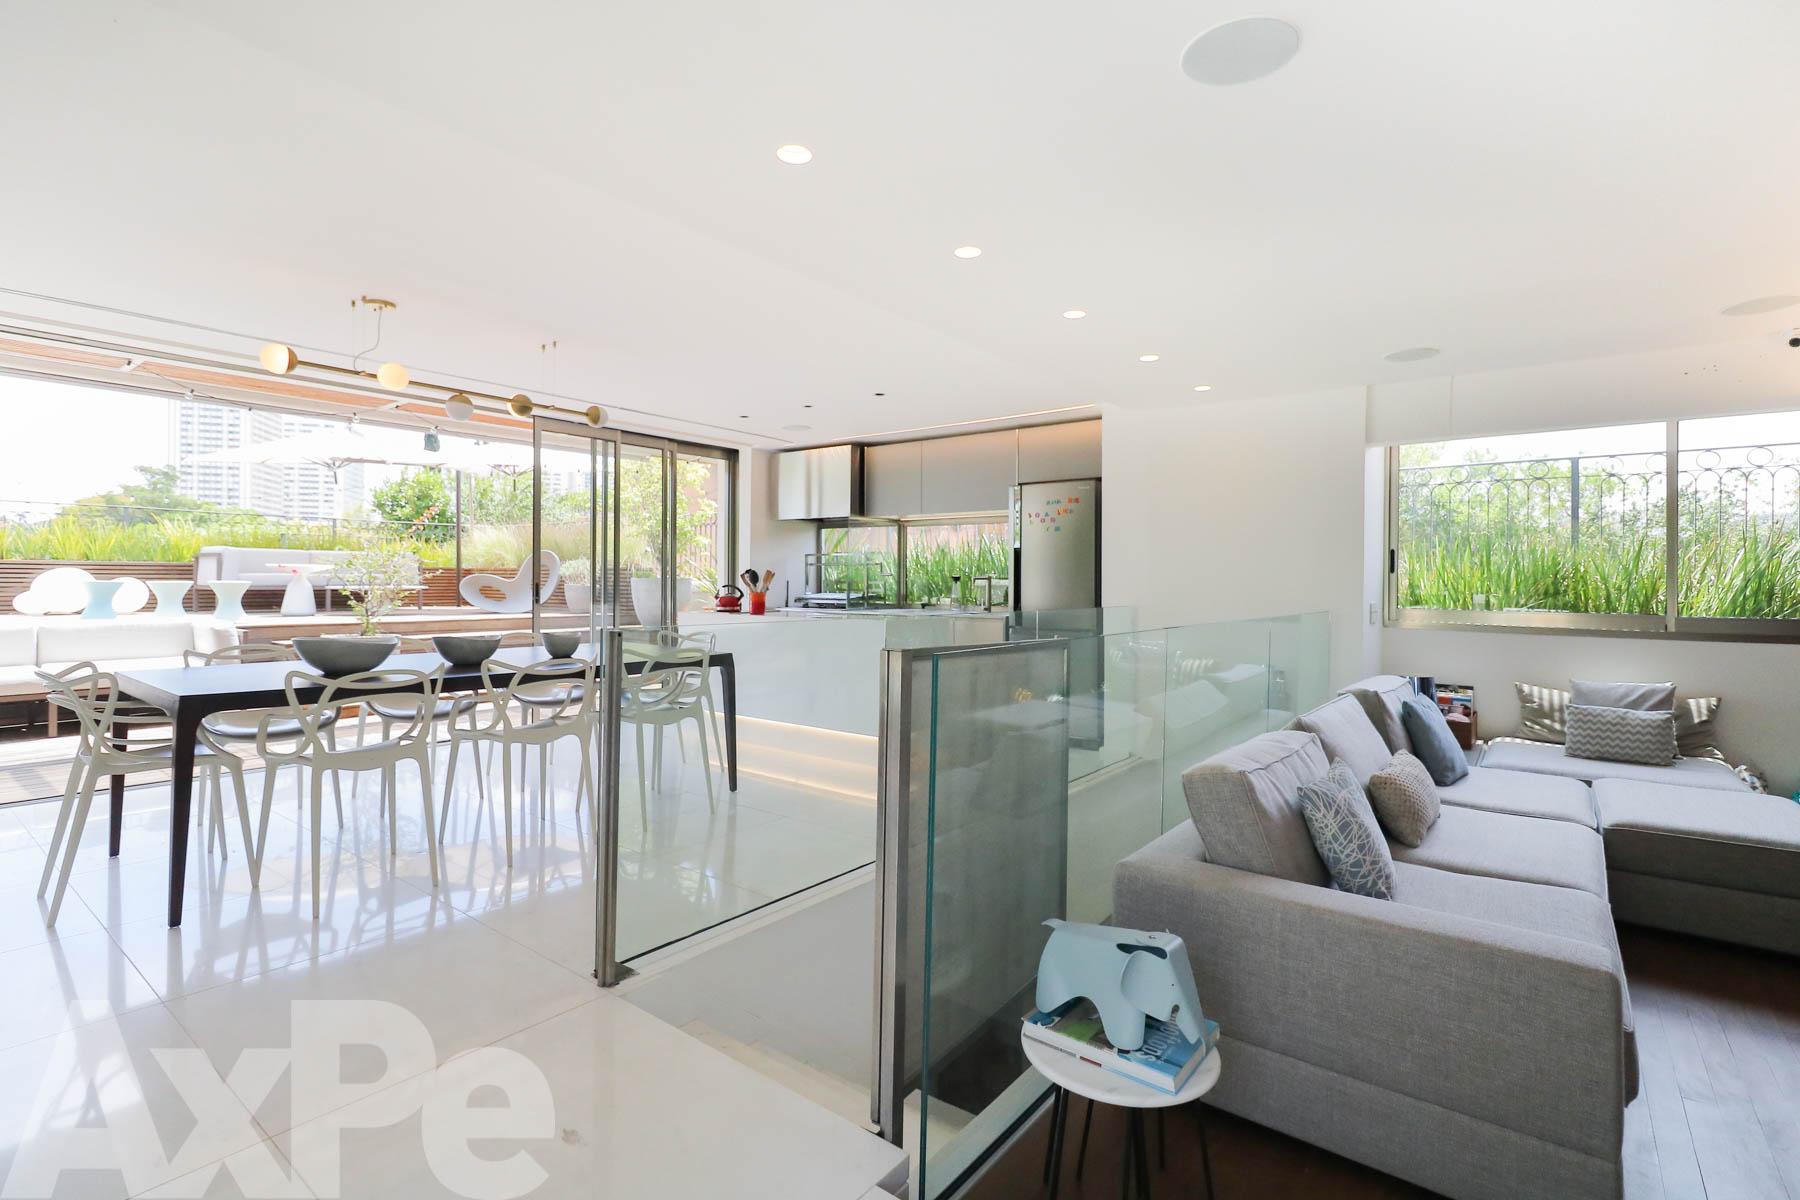 Axpe Apartamento - AX147105